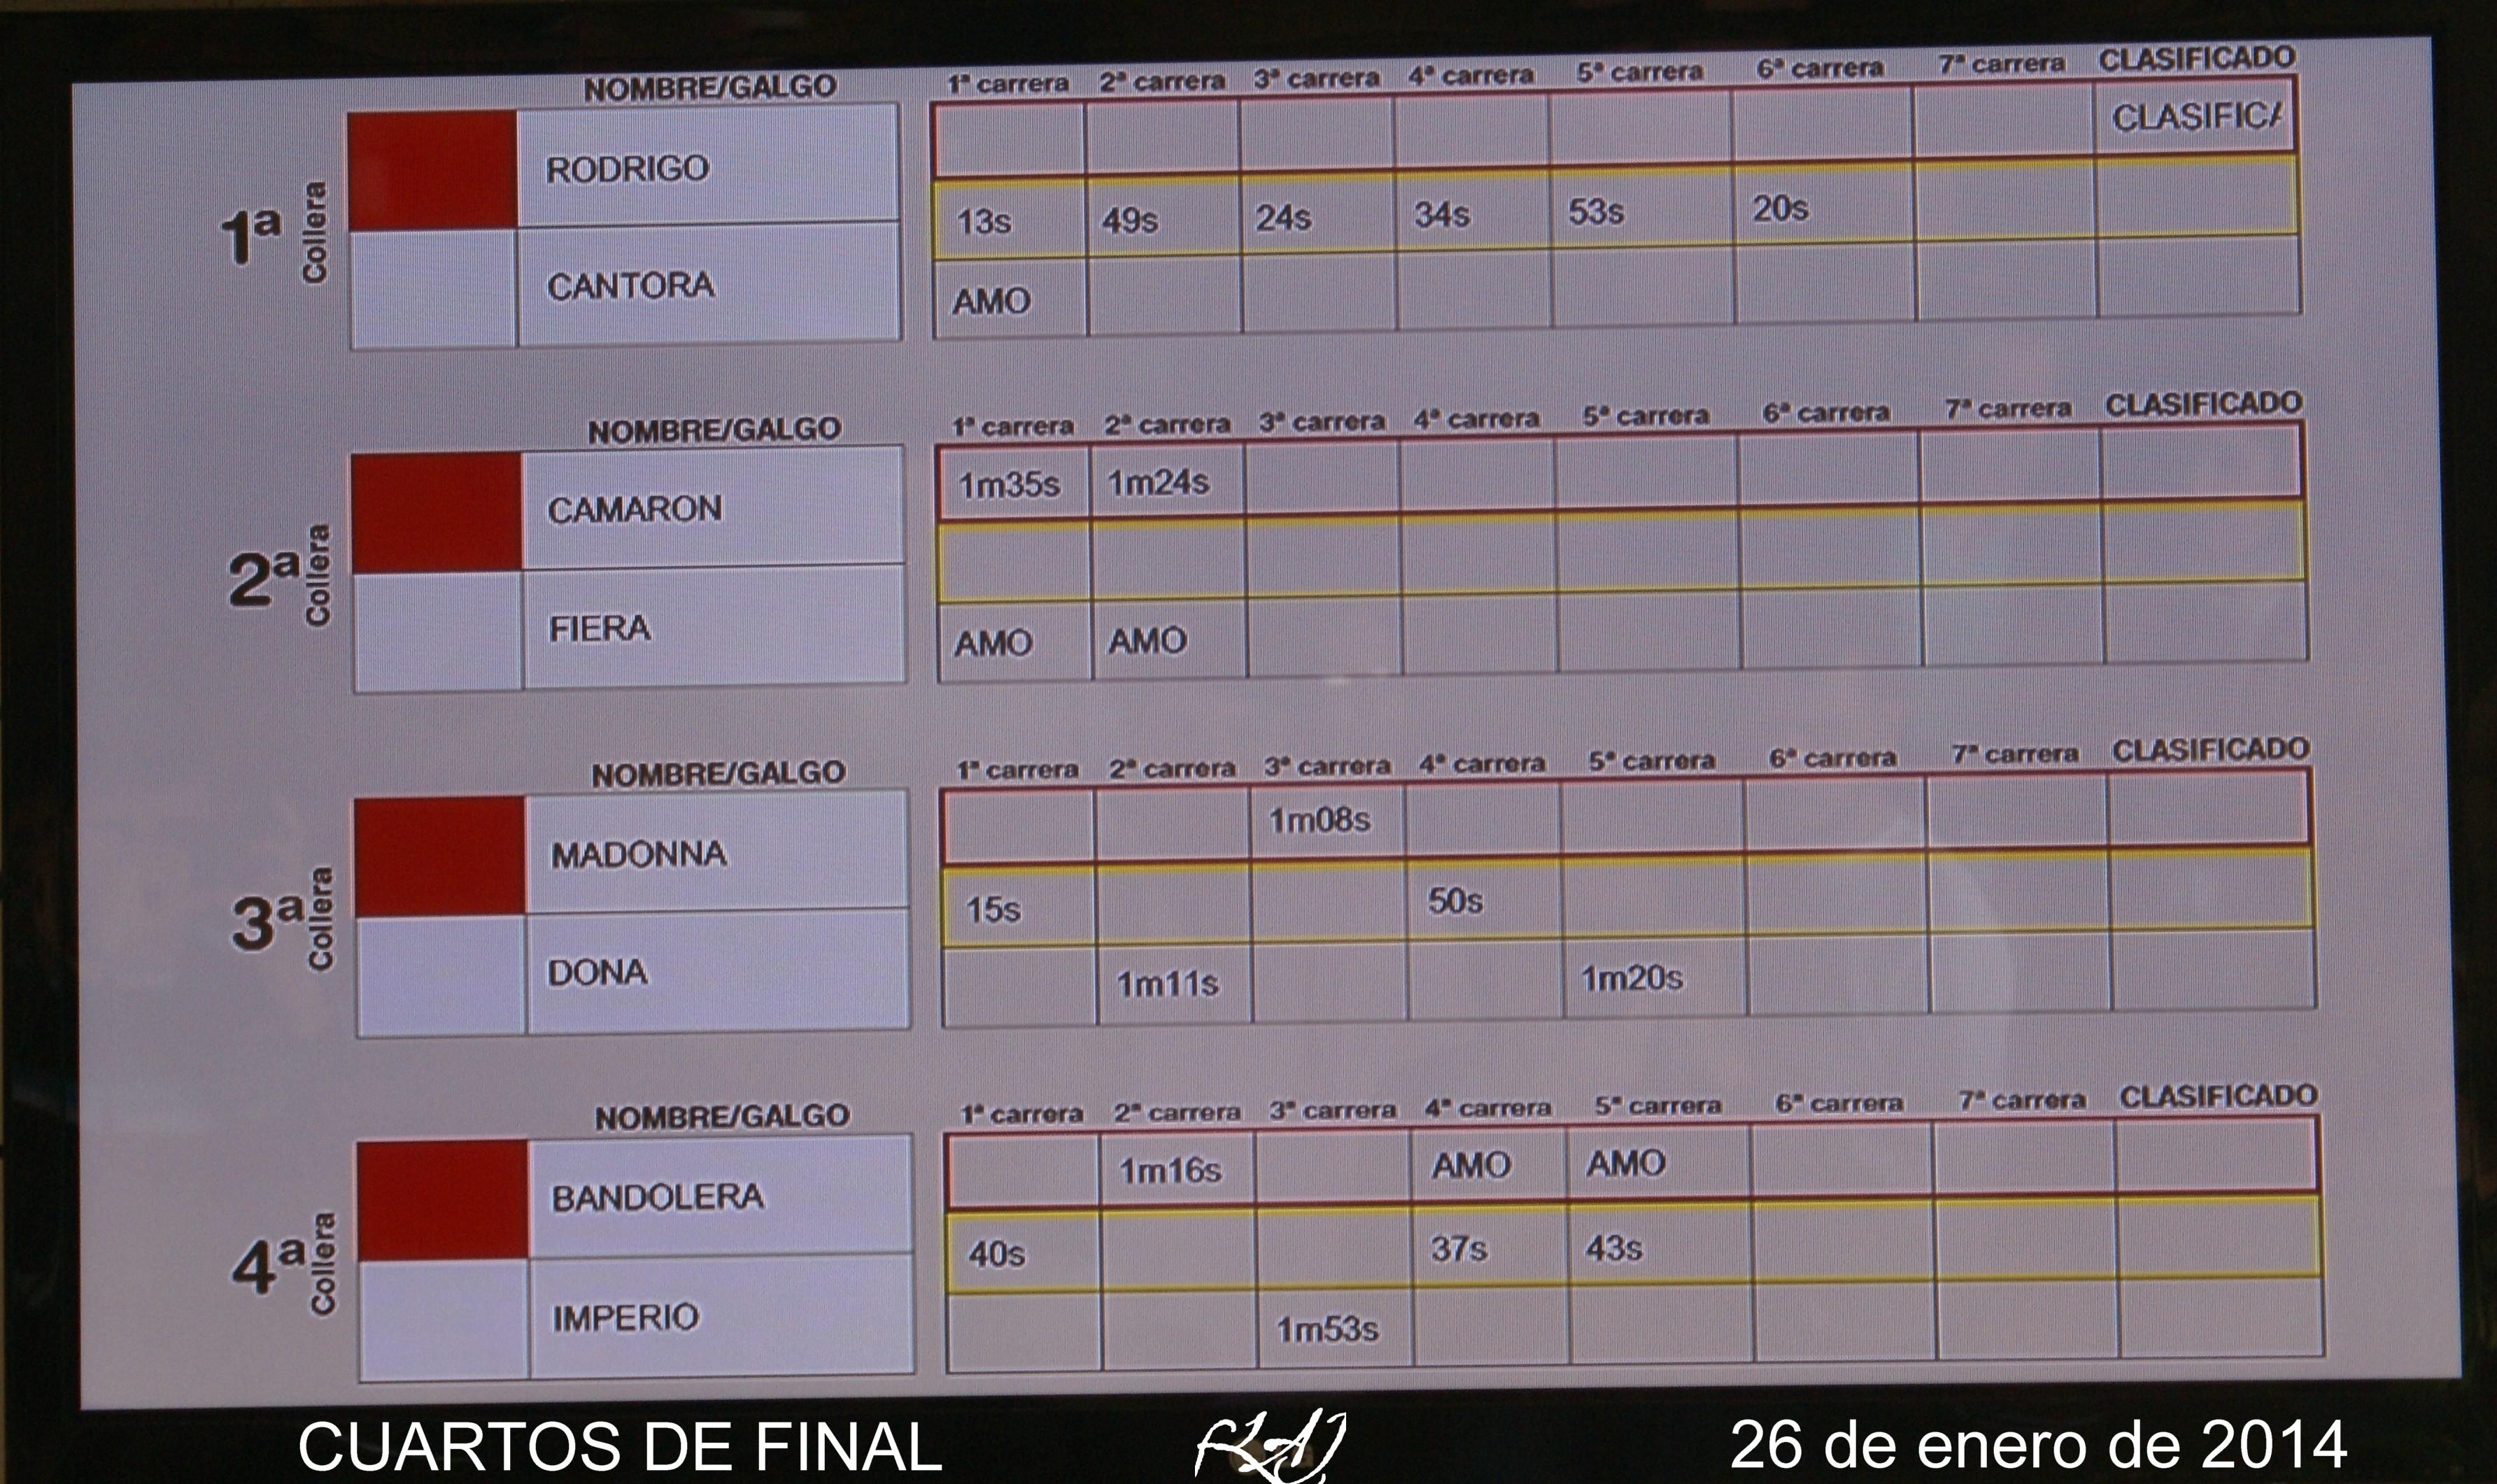 FINALIZARON LOS CUARTOS DE FINAL DE LA COPA DEL REY DE GALGOS EN ...